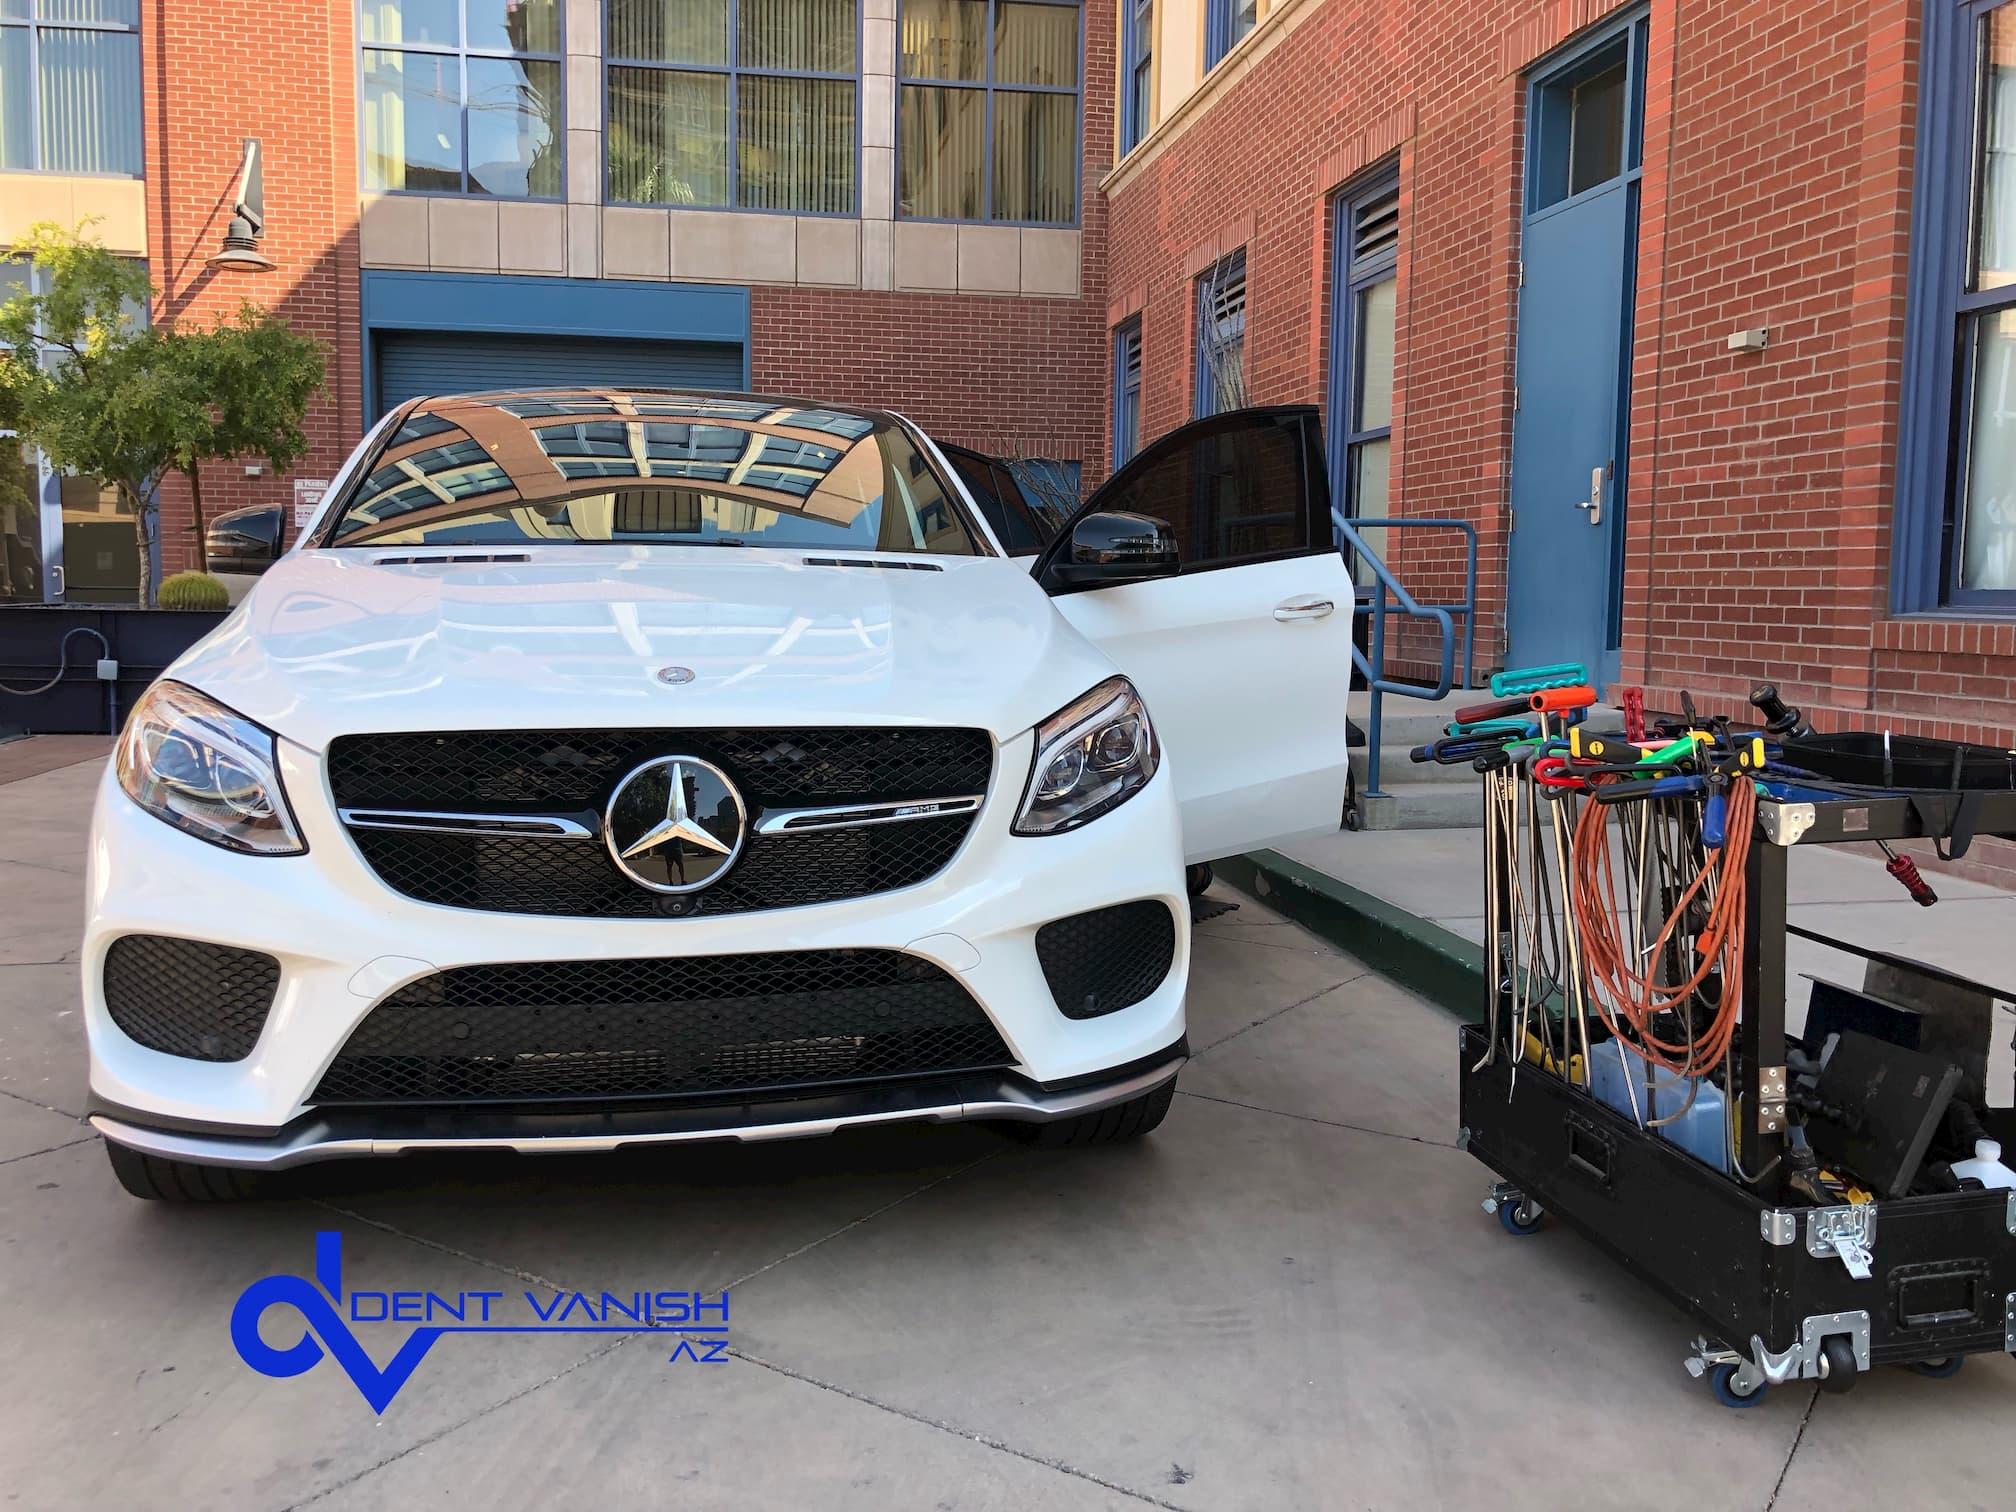 Mobile Paintless Dent Repair (PDR) service. Phoenix, AZ